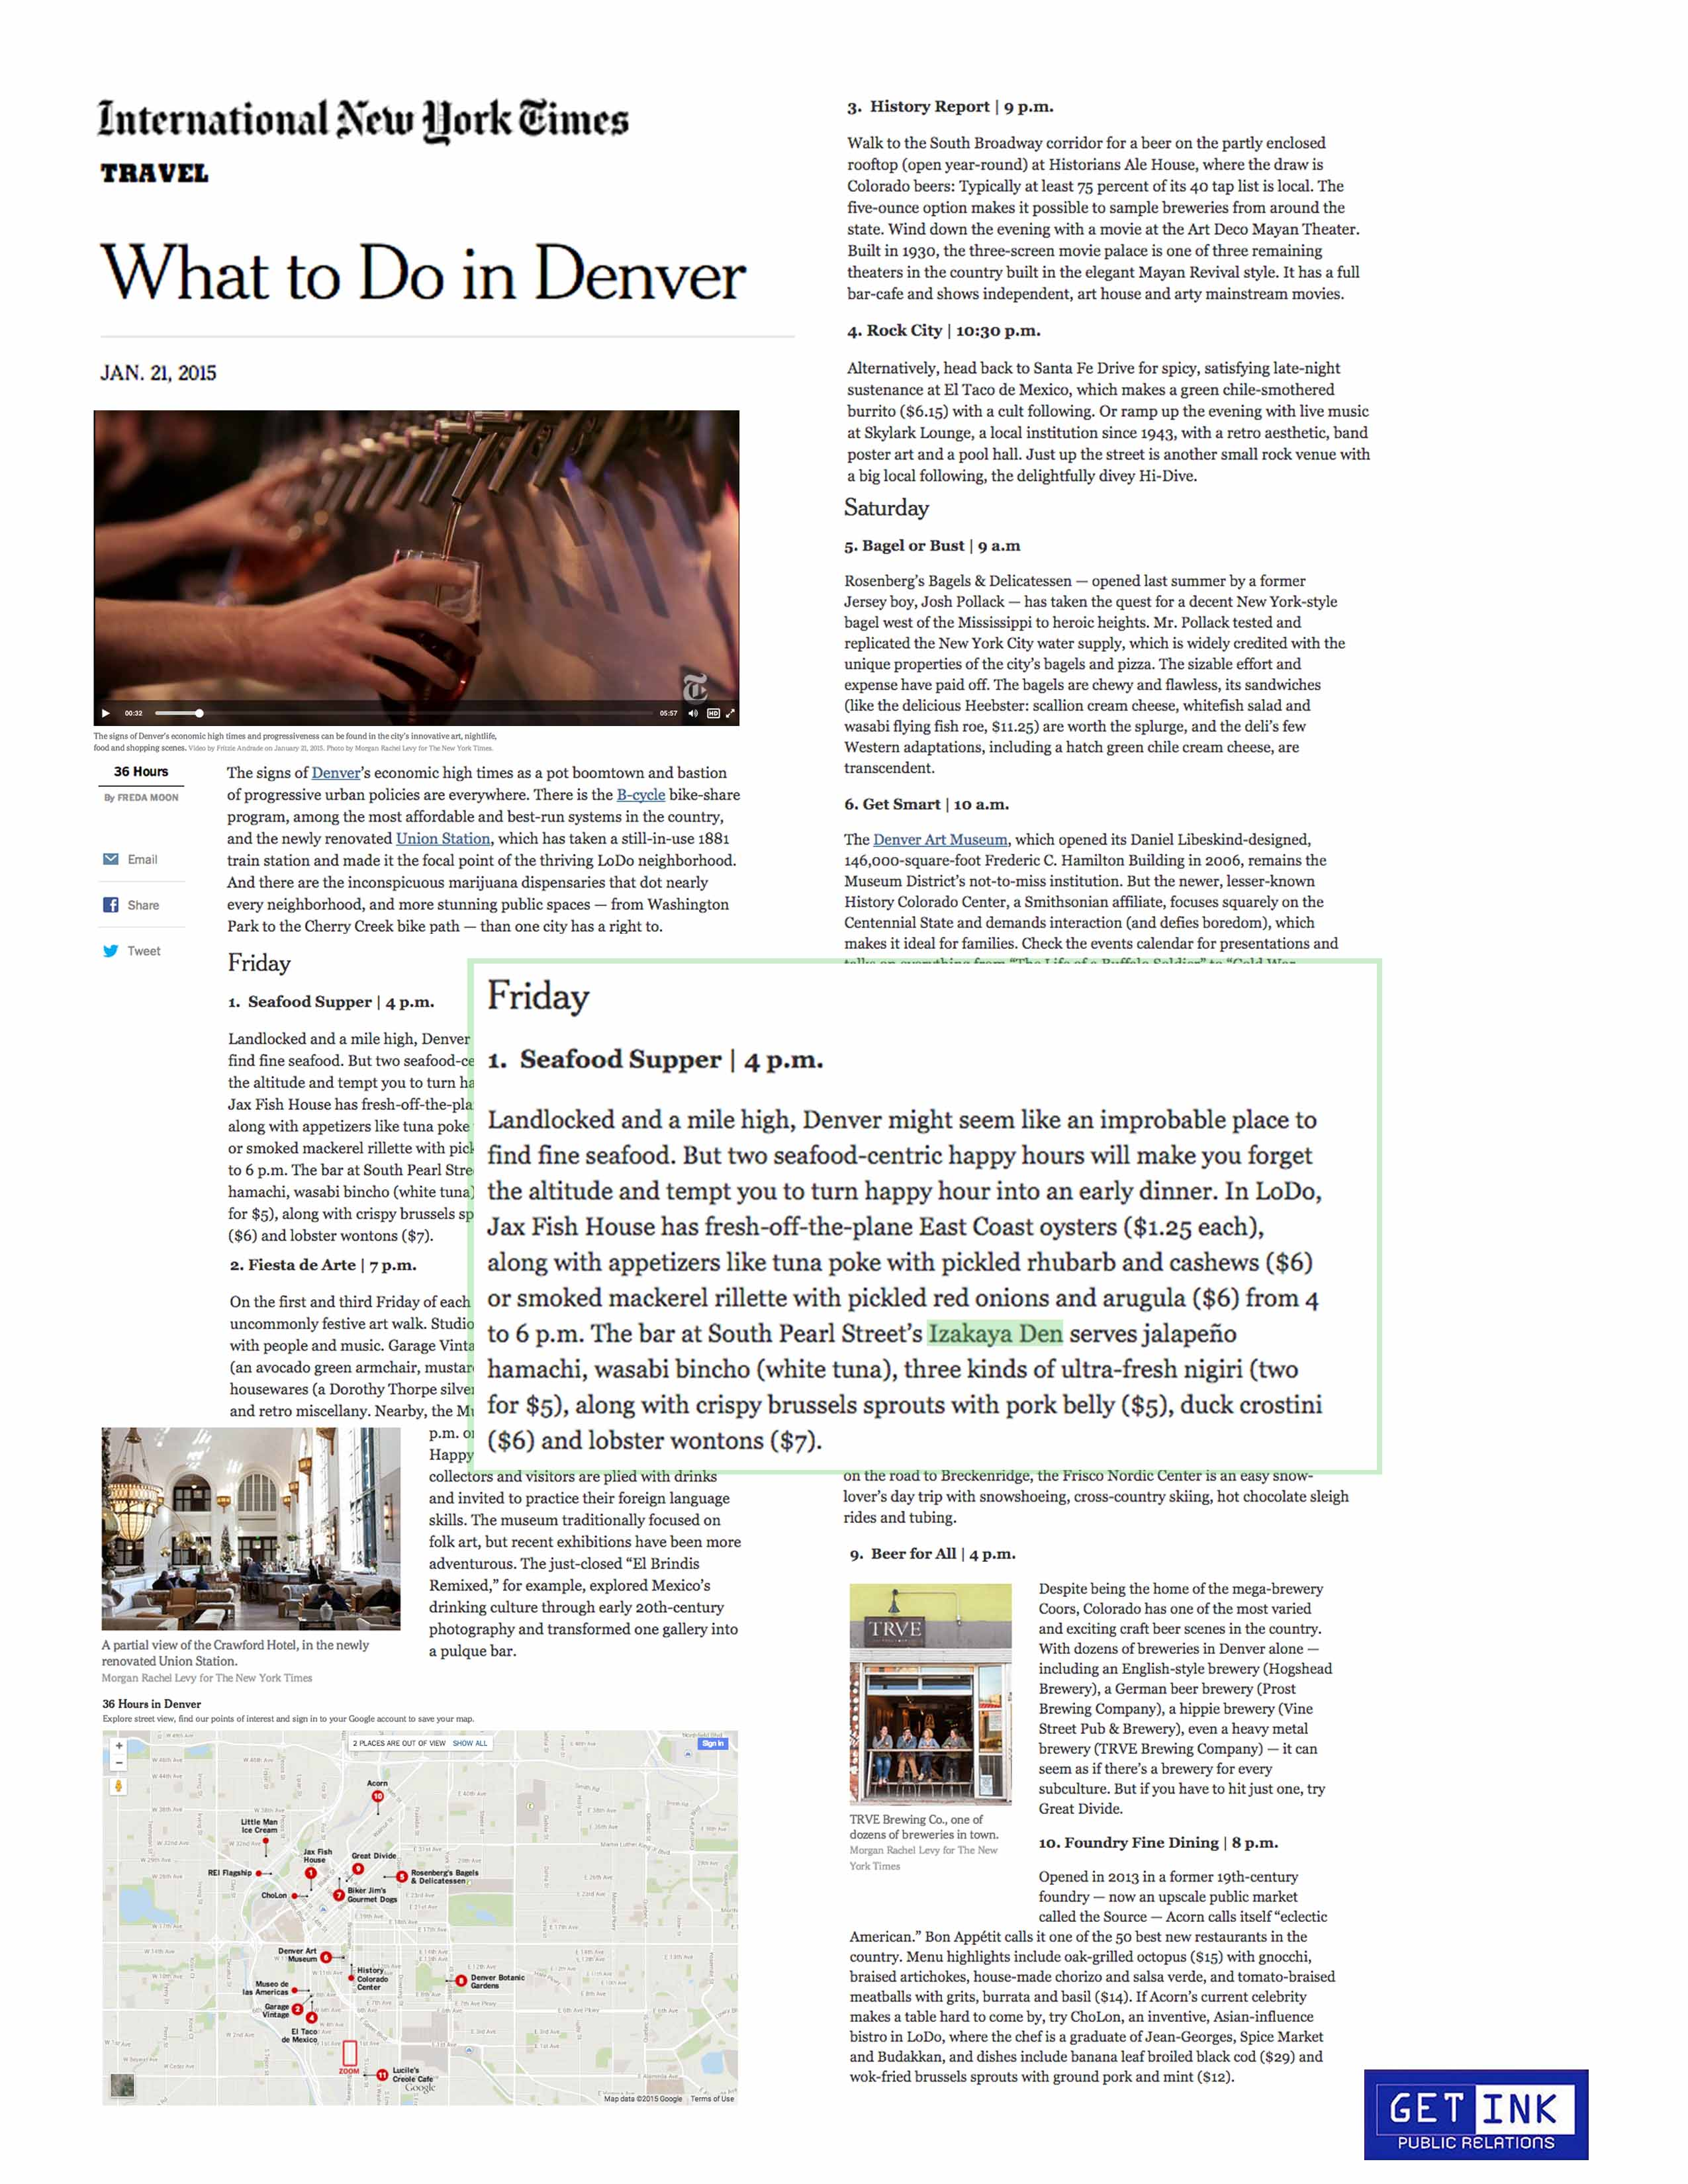 NYTimes.com 1.21.15 Part 1